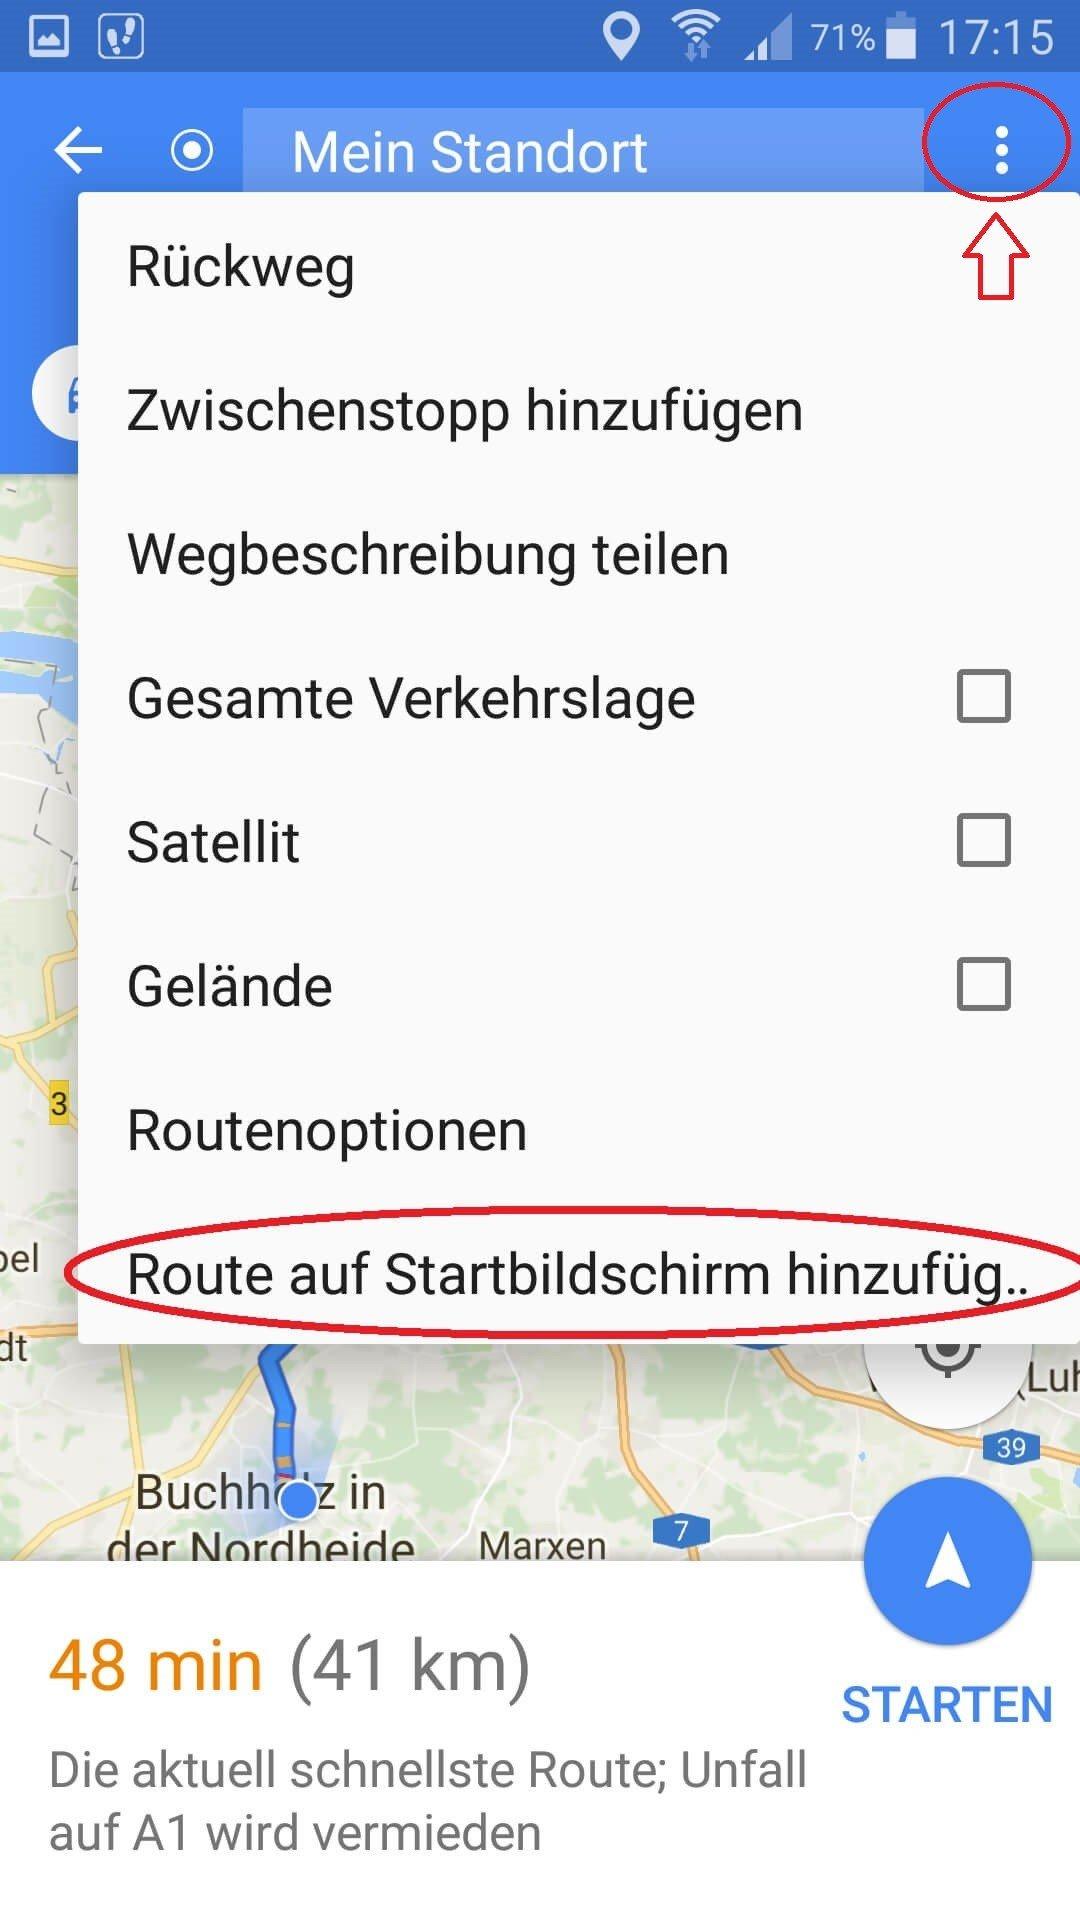 Google Maps Route auf Startbildschirm